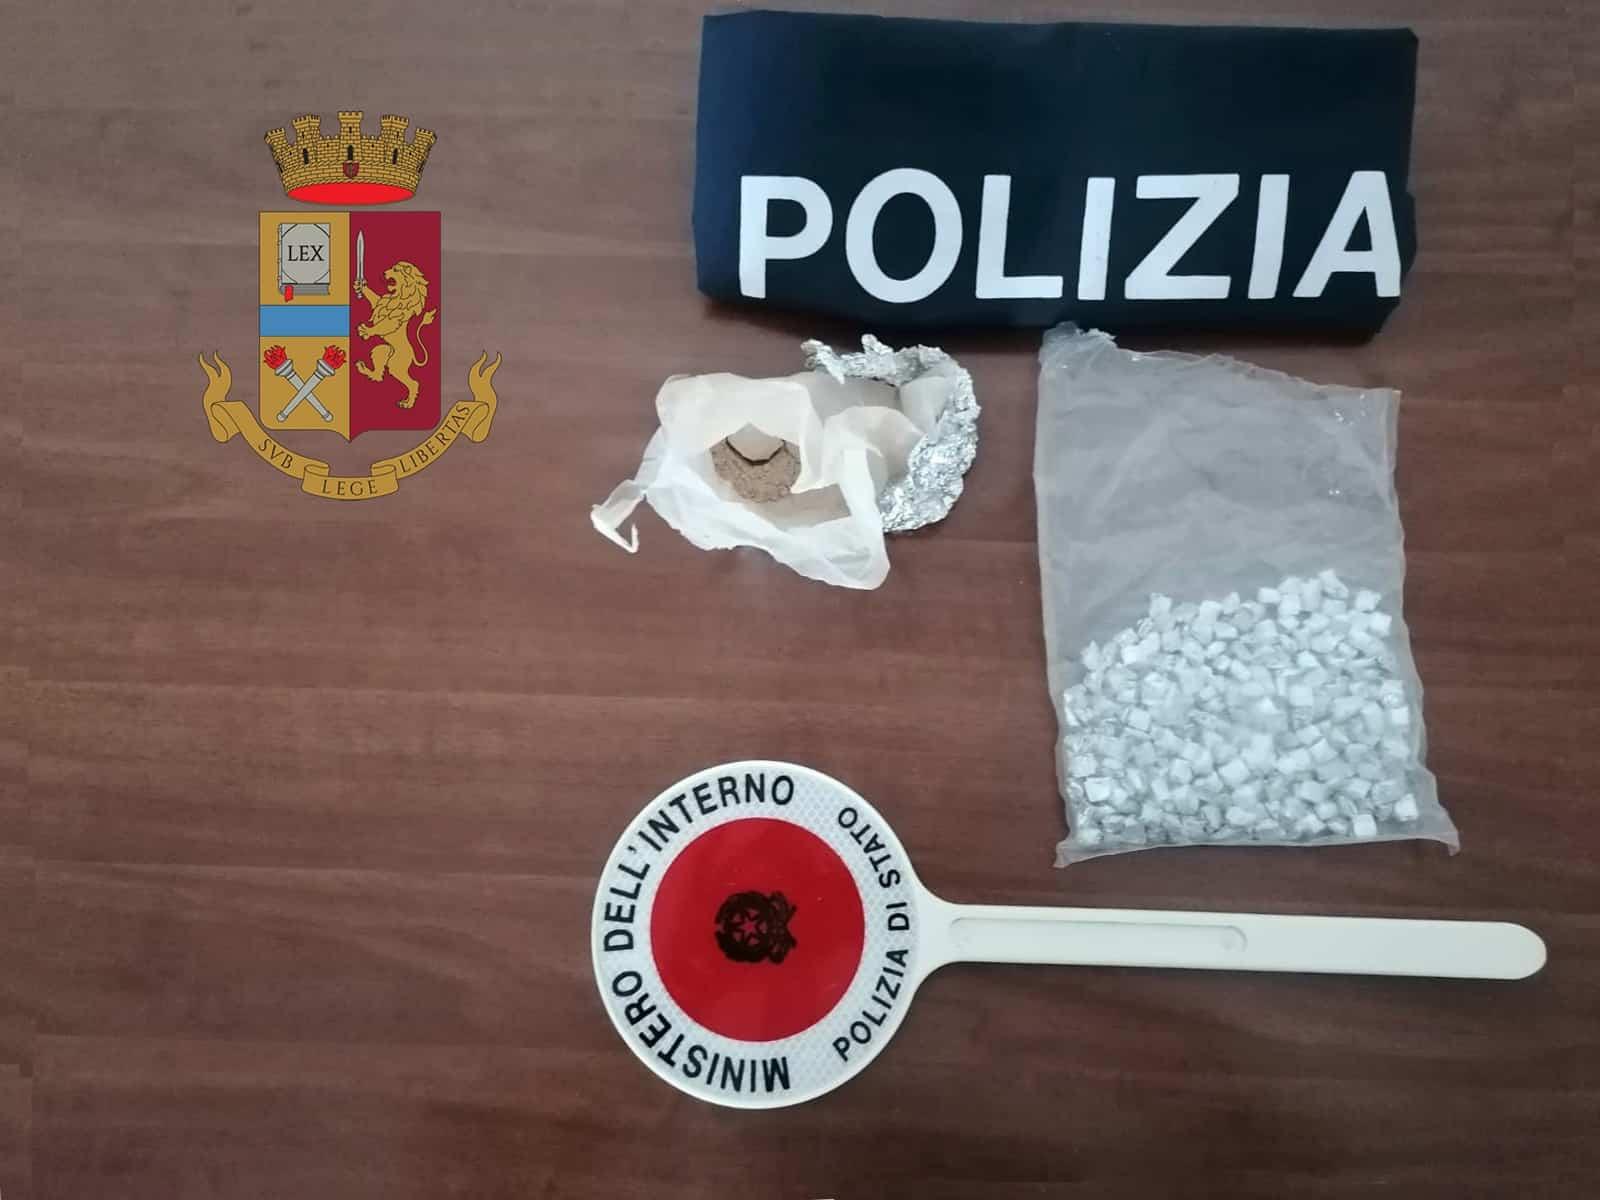 Pusher nasconde oltre 200 dosi di droga in ogni dove, anche nelle parti intime: arrestato